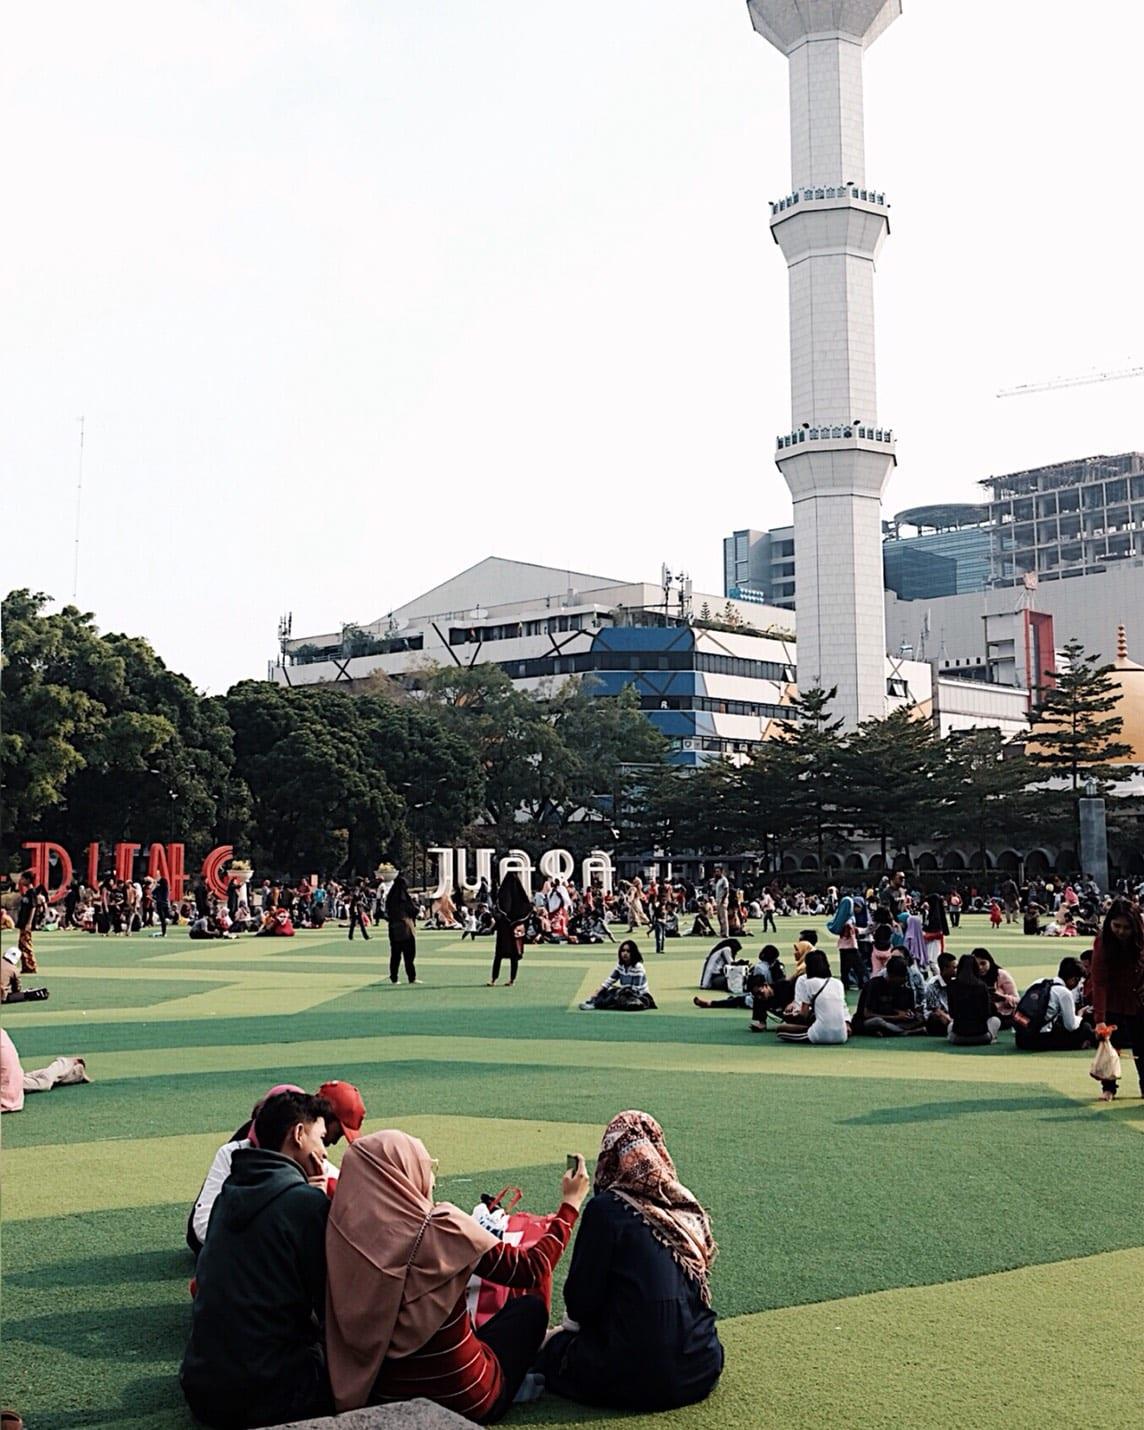 ประเทศอาเซียน, อาเซียน 10 ประเทศ, สถานที่ท่องเที่ยวอาเซียน, เที่ยวอินโดนีเซีย